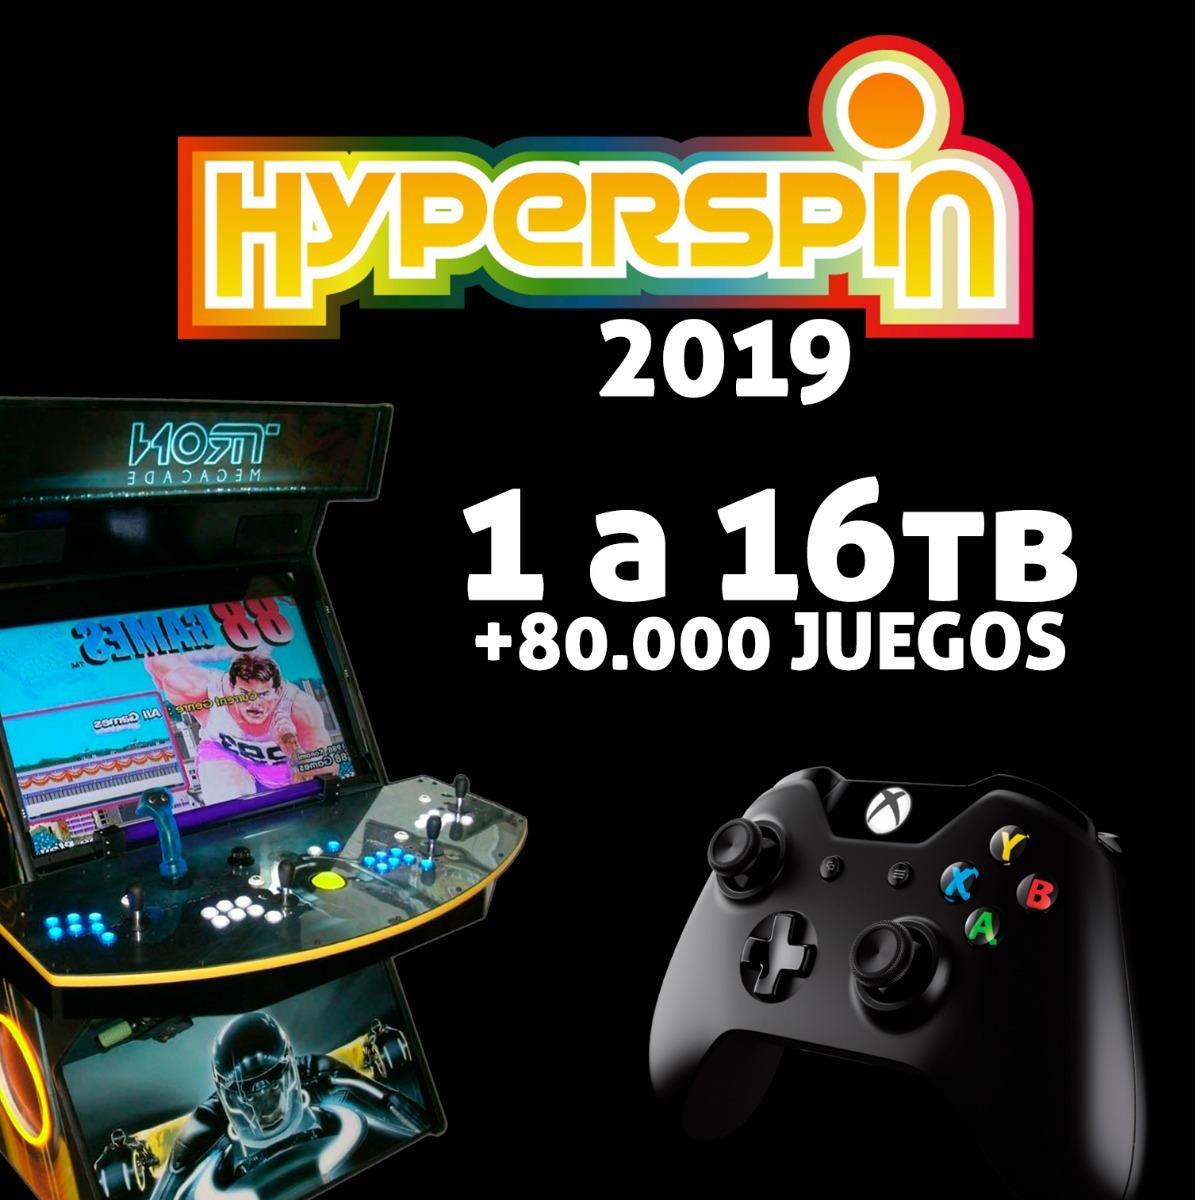 Hyperspin Arcade 2019 Pc 16tb +90 000 Juegos +400 Sistemas